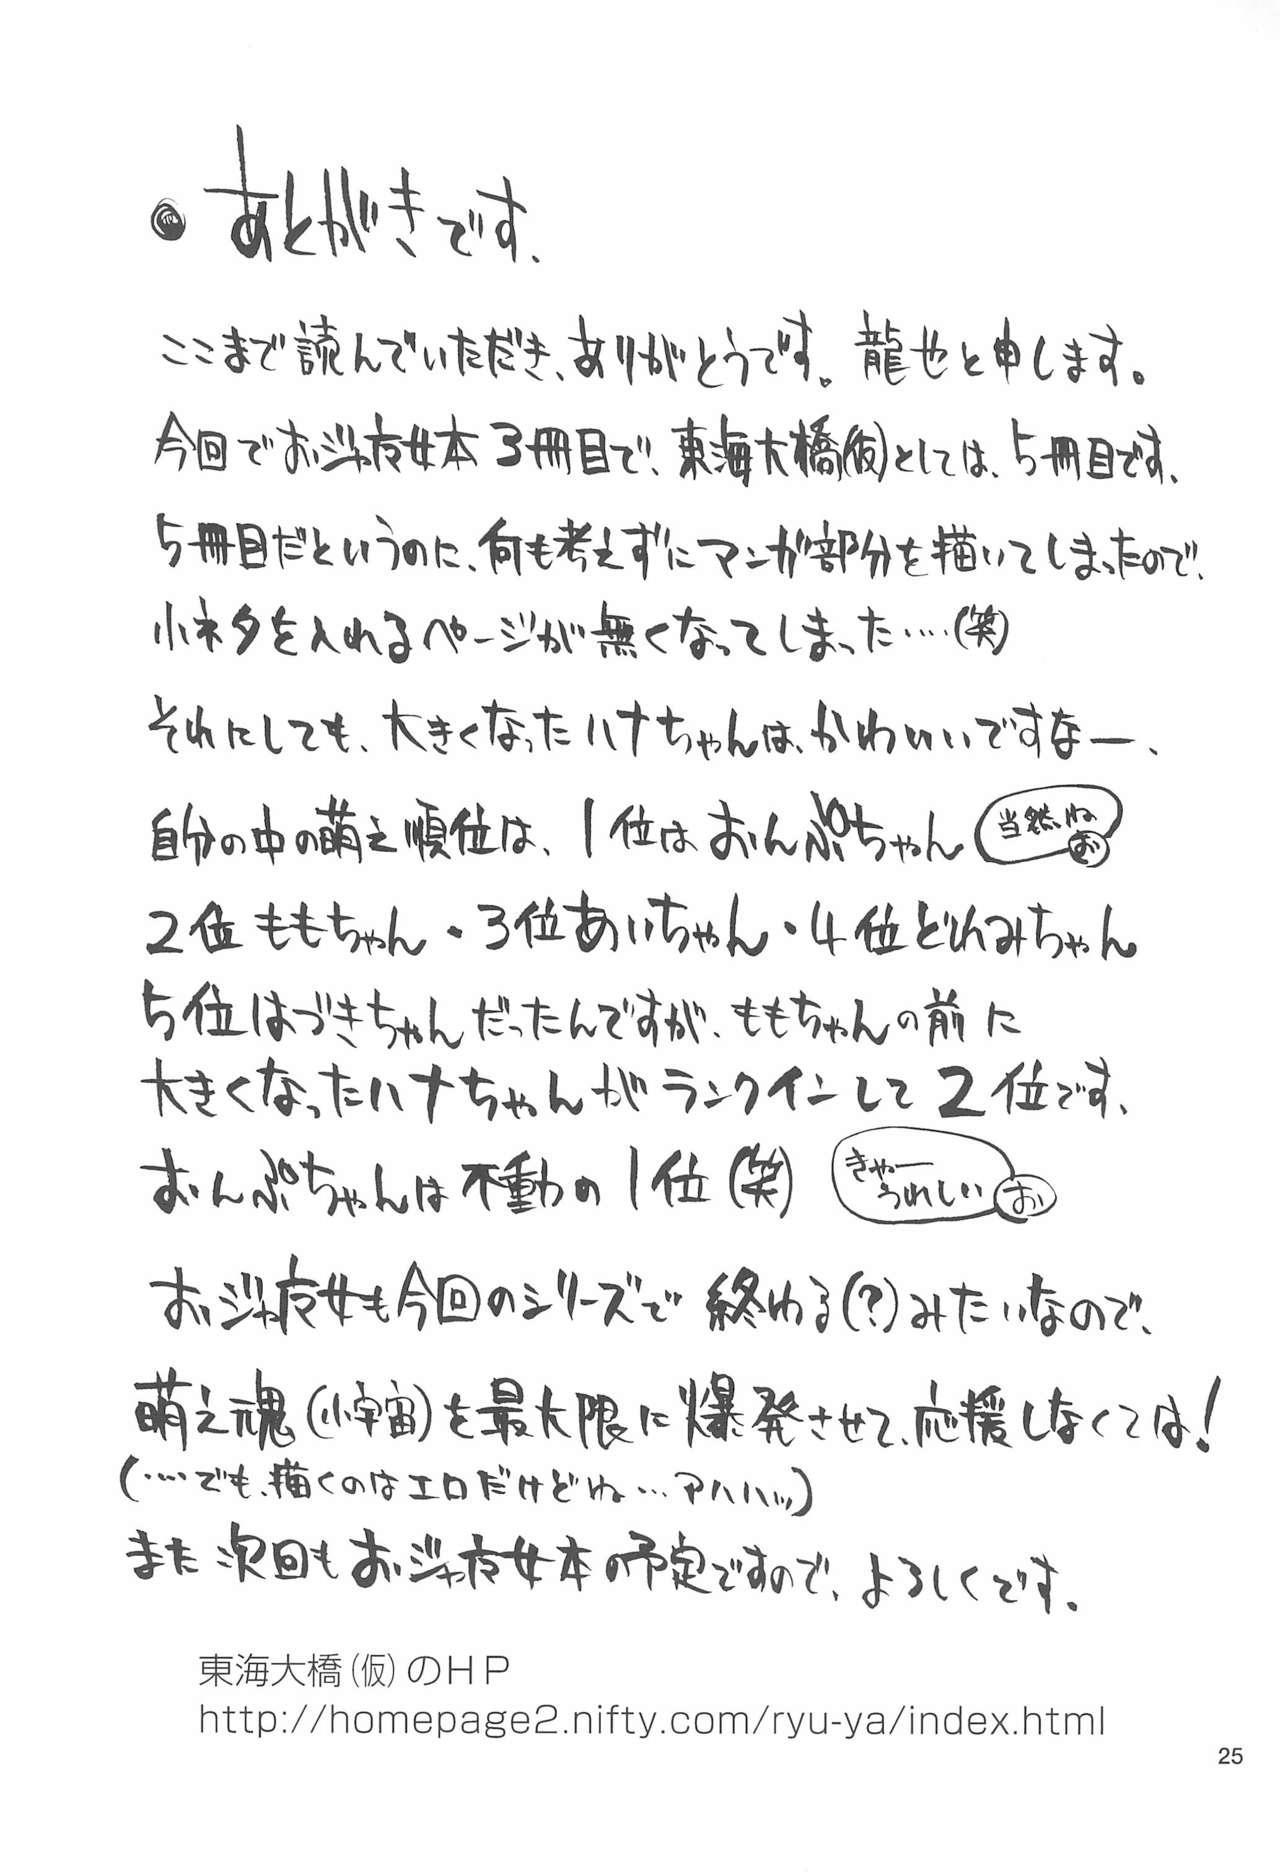 [Tokai Oohashi (Kari) (Ryu-ya)] Onpu-chan/Hana-chan (Ojamajo Doremi) 26